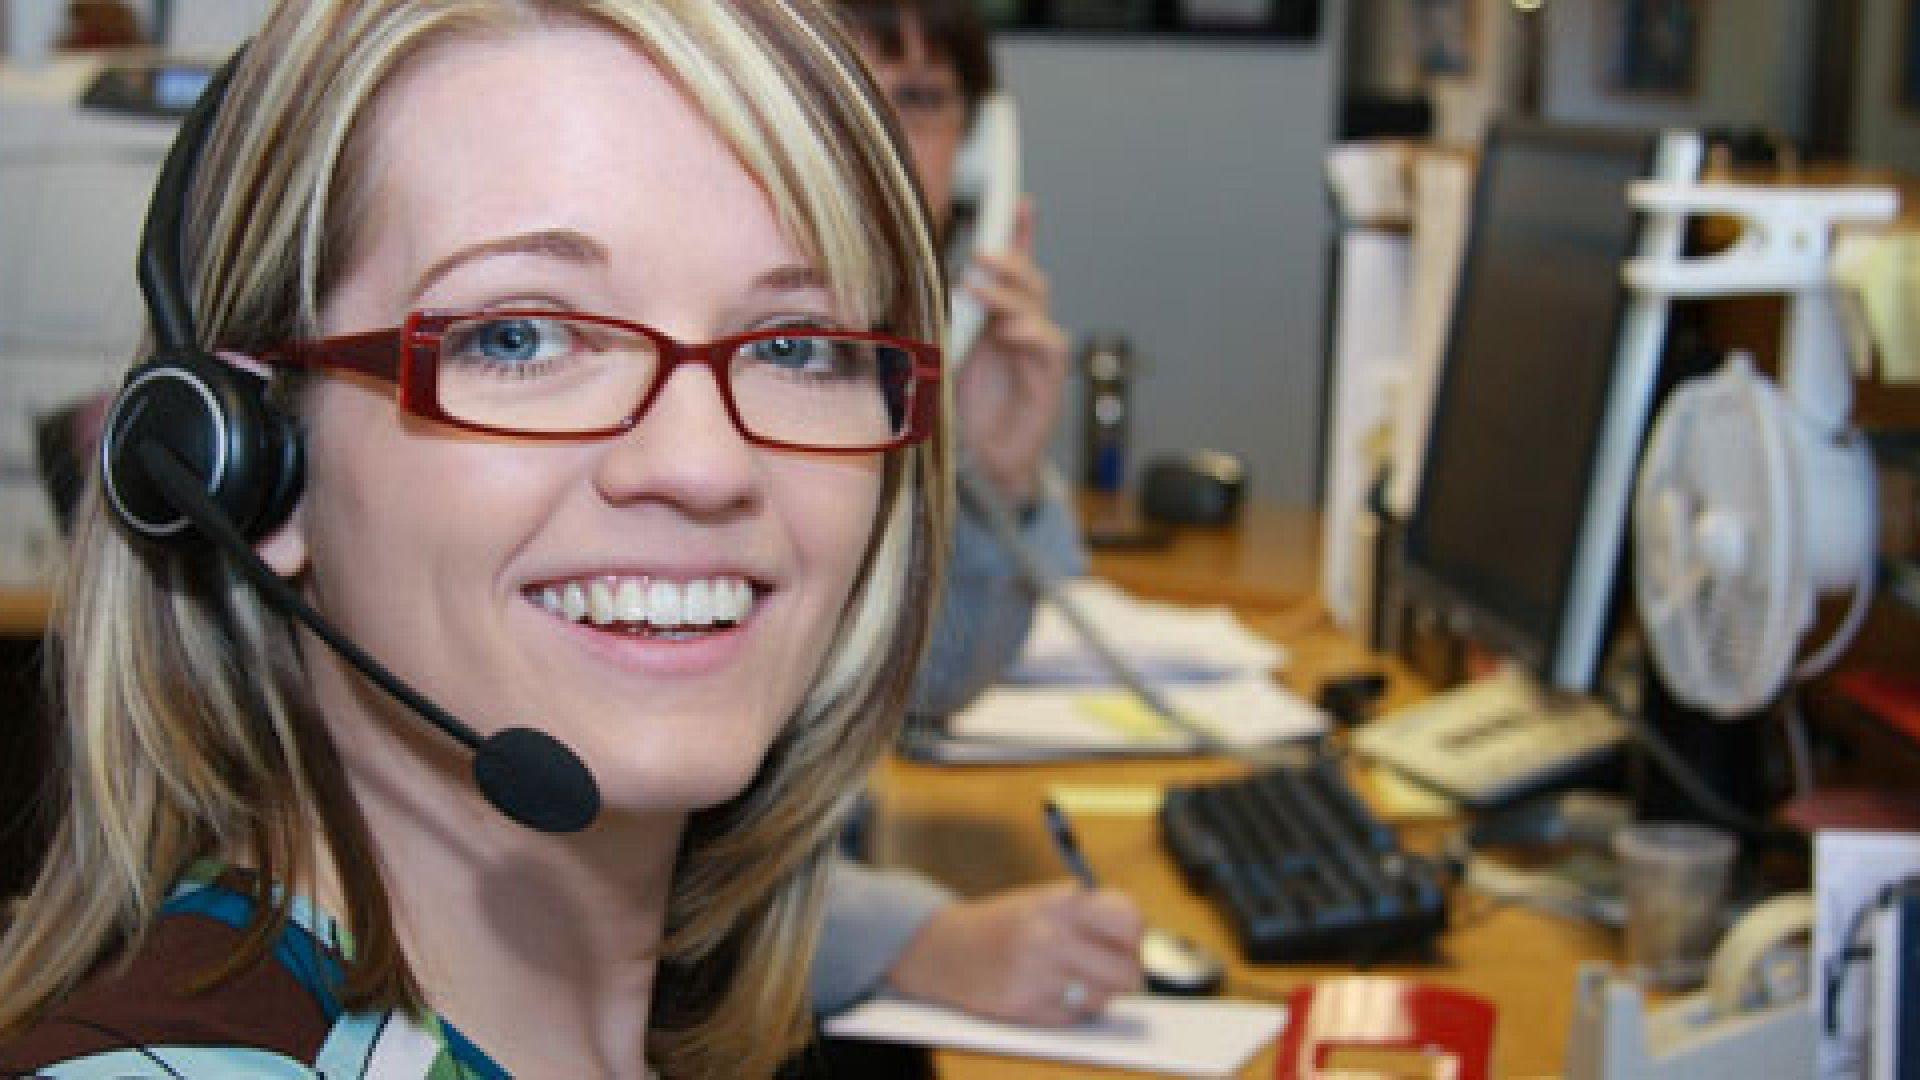 3 Ways to Build Customers' Trust Online